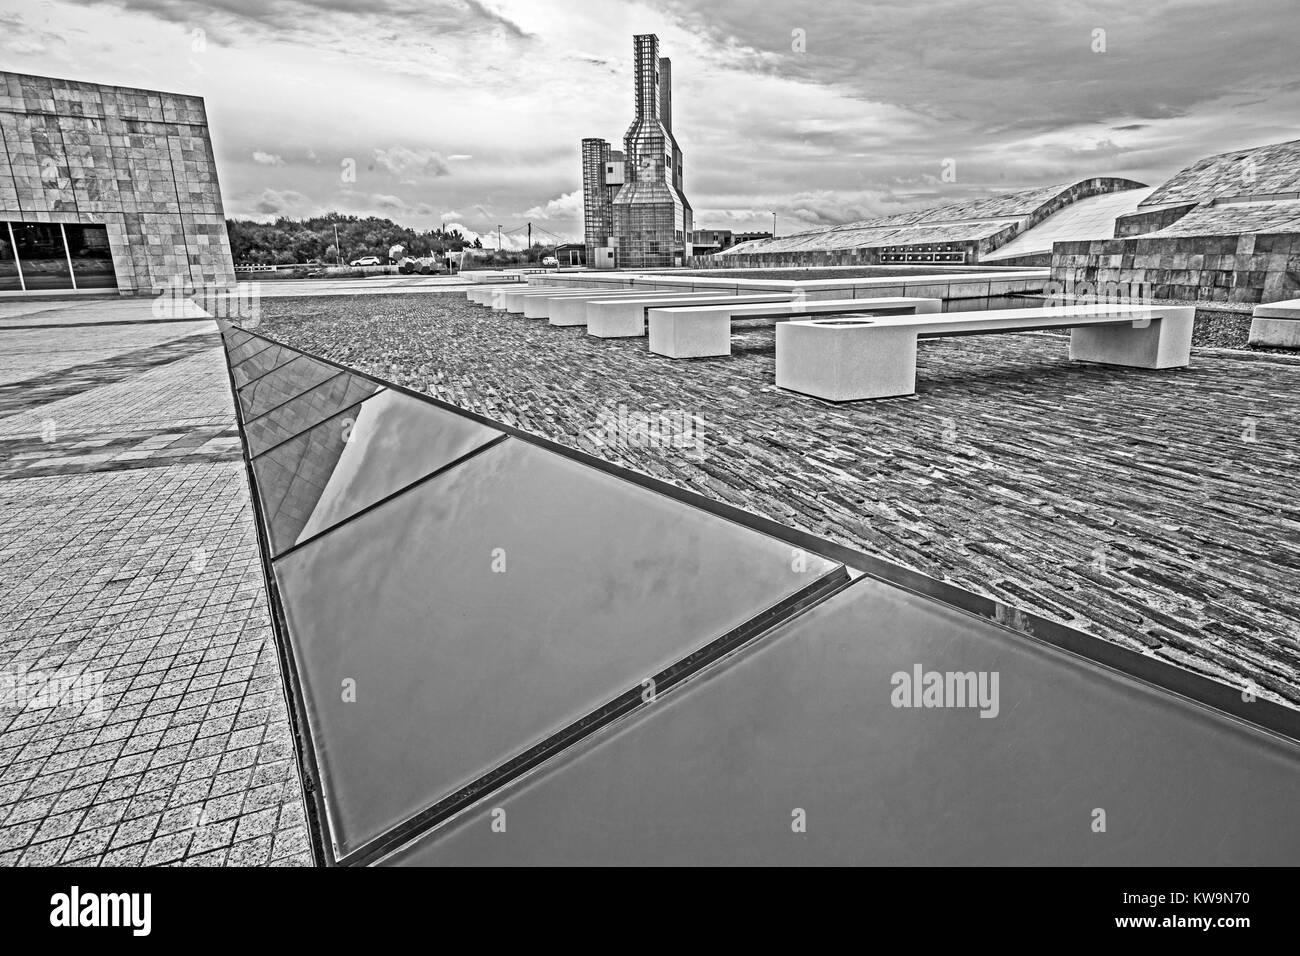 Citade da Cultura de Galicia (City of Culture), Monte Gaias, Santiago de Compostela, Galicia, Spain - Stock Image